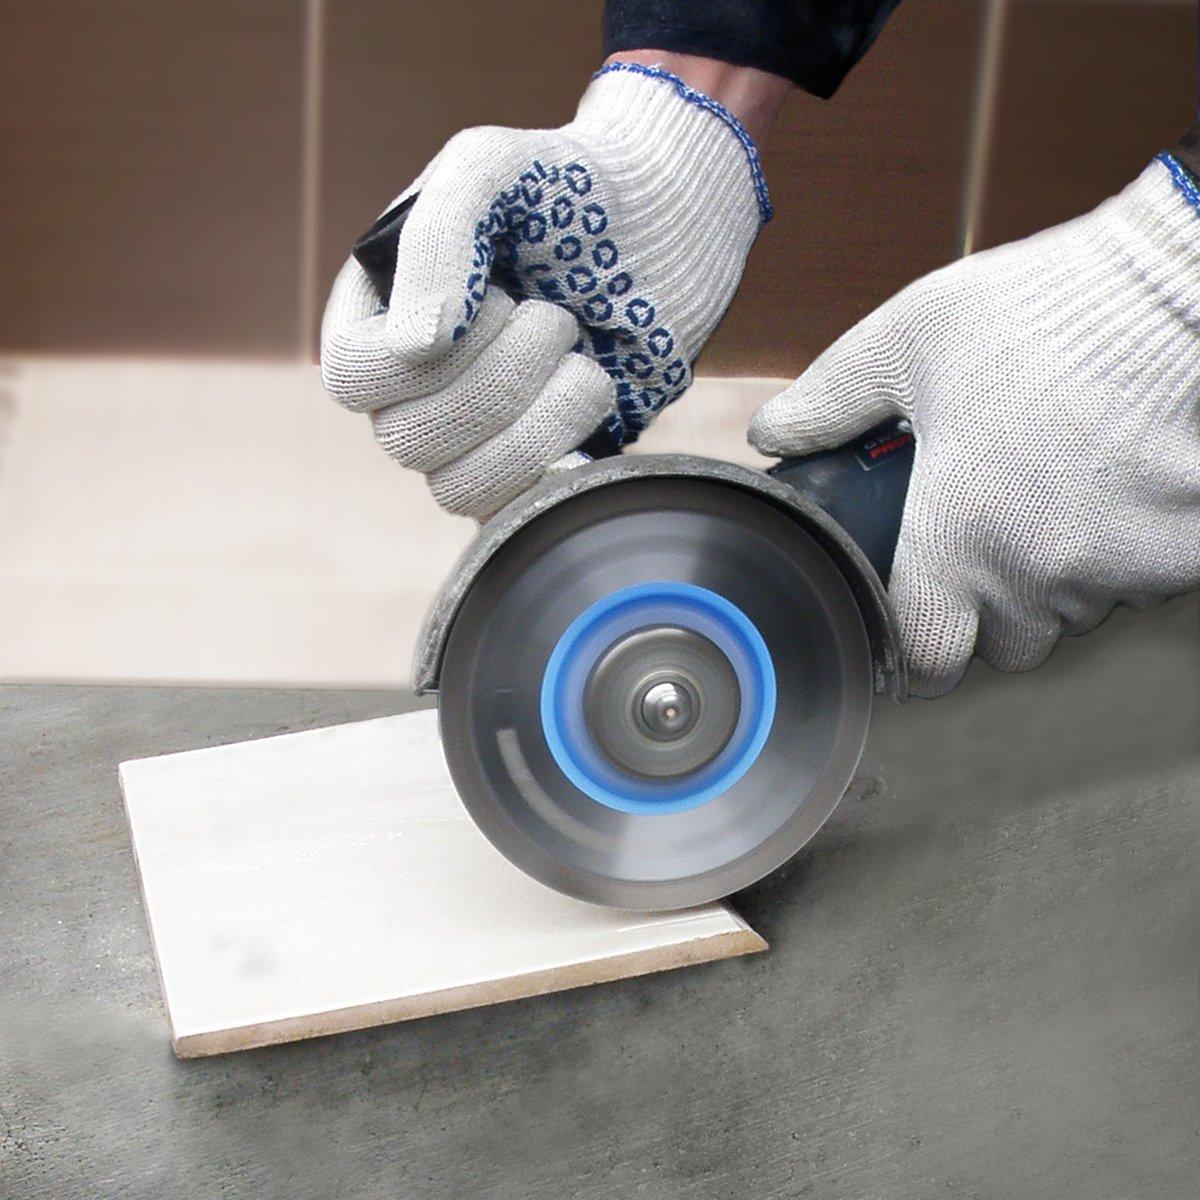 Calidad Profesional Piedra caliza y otros materiales duros S/&R Disco Tronzador Diamante 125 mm para corte de Porcelanico Granito Azulejos Cer/ámica dura M/ármol